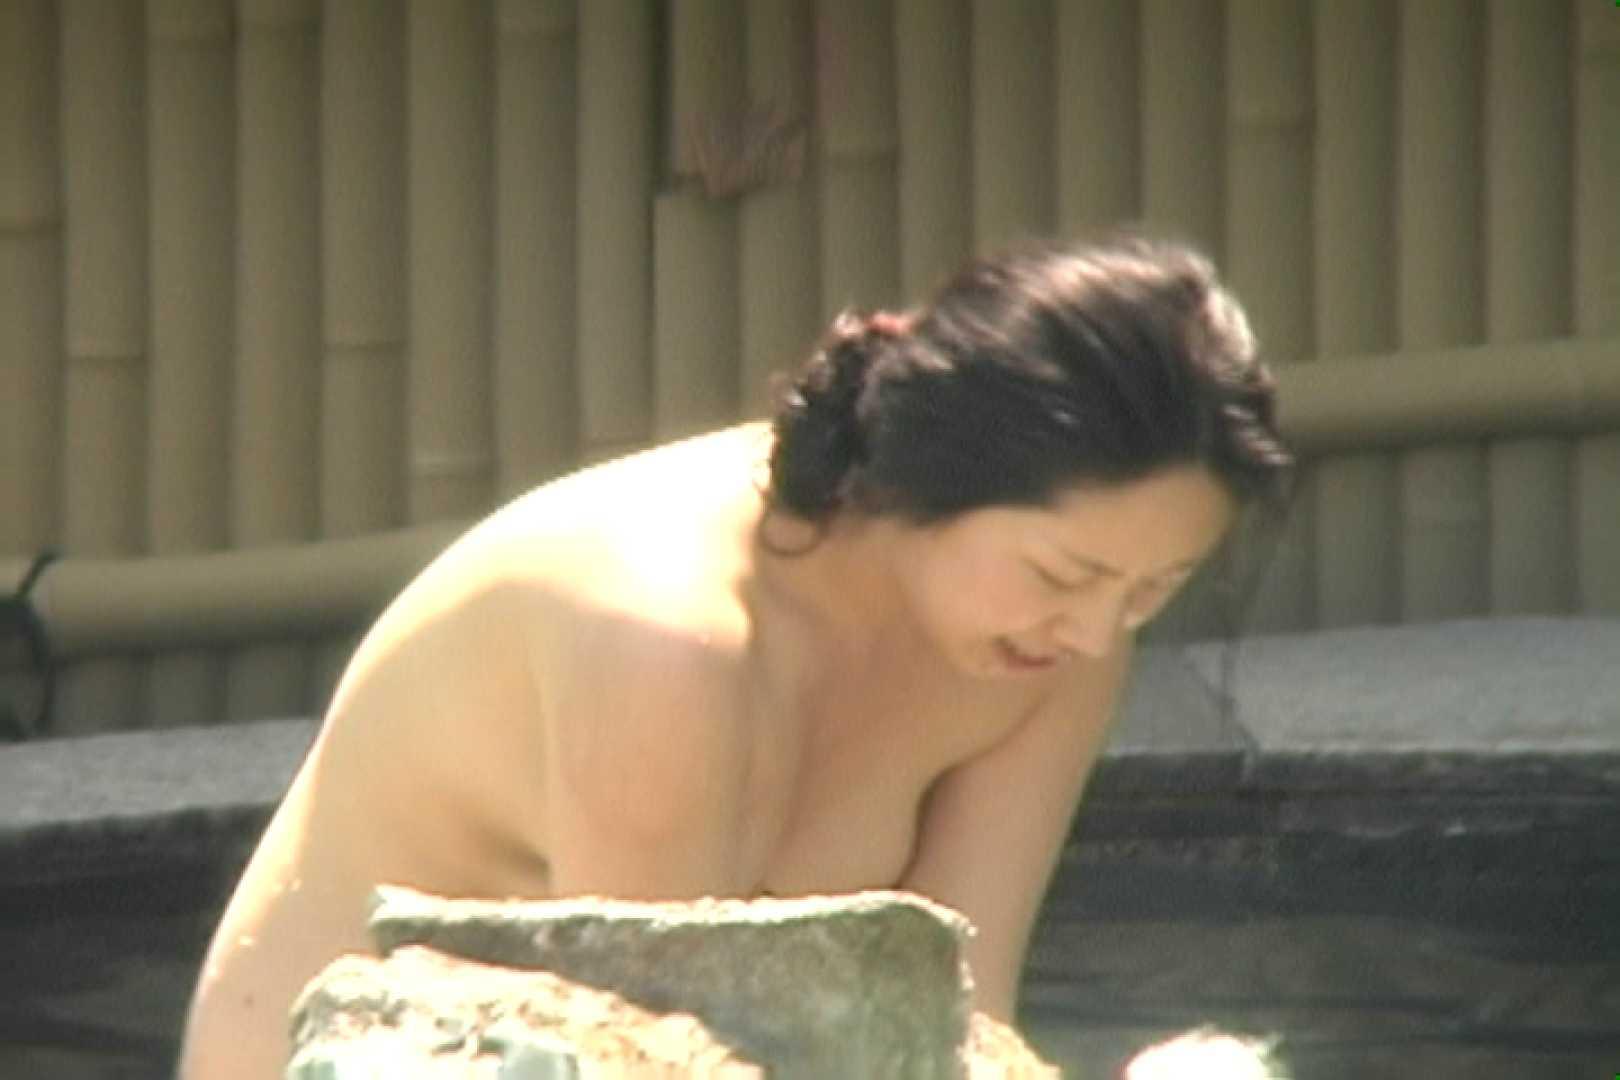 高画質露天女風呂観察 vol.002 露天風呂編 エロ画像 106PIX 68